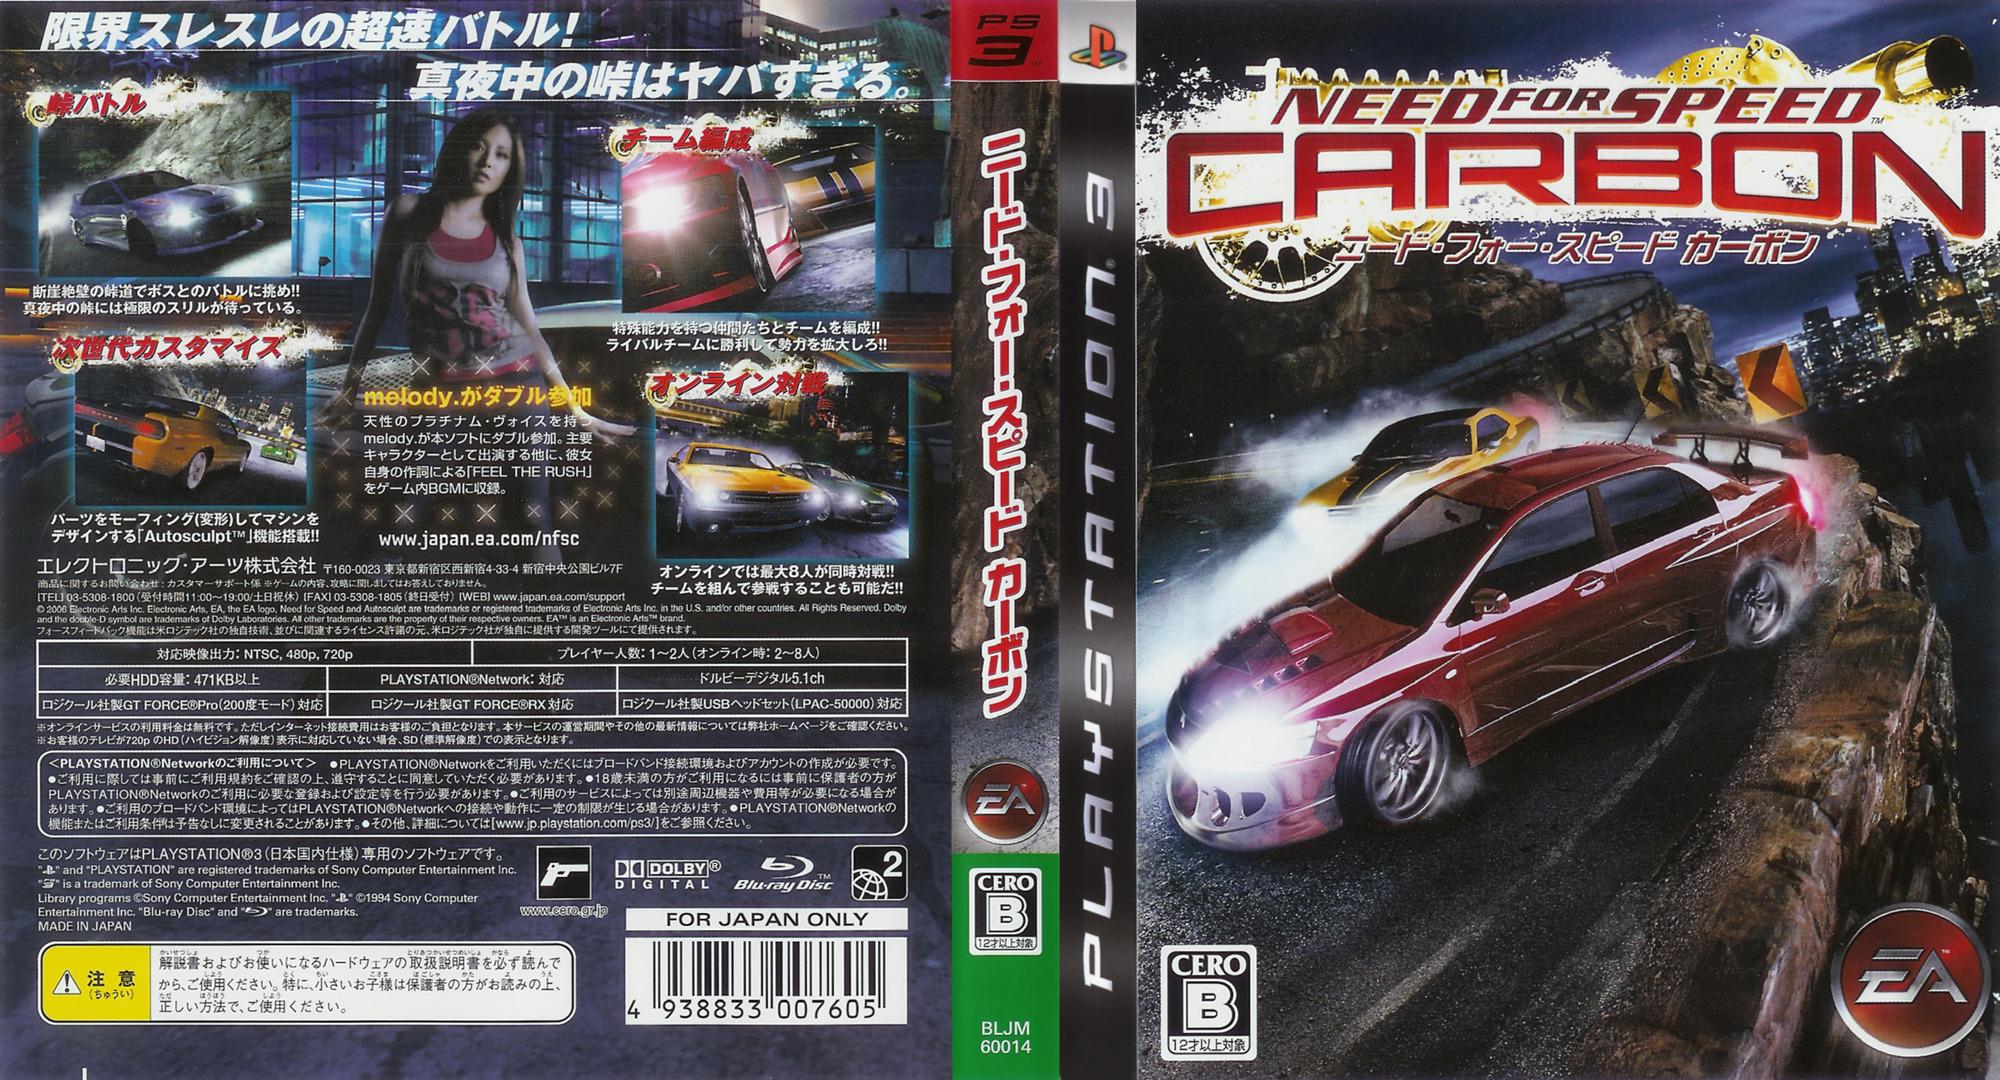 ニード・フォー・スピード カーボン PS3 coverfullHQ (BLJM60014)